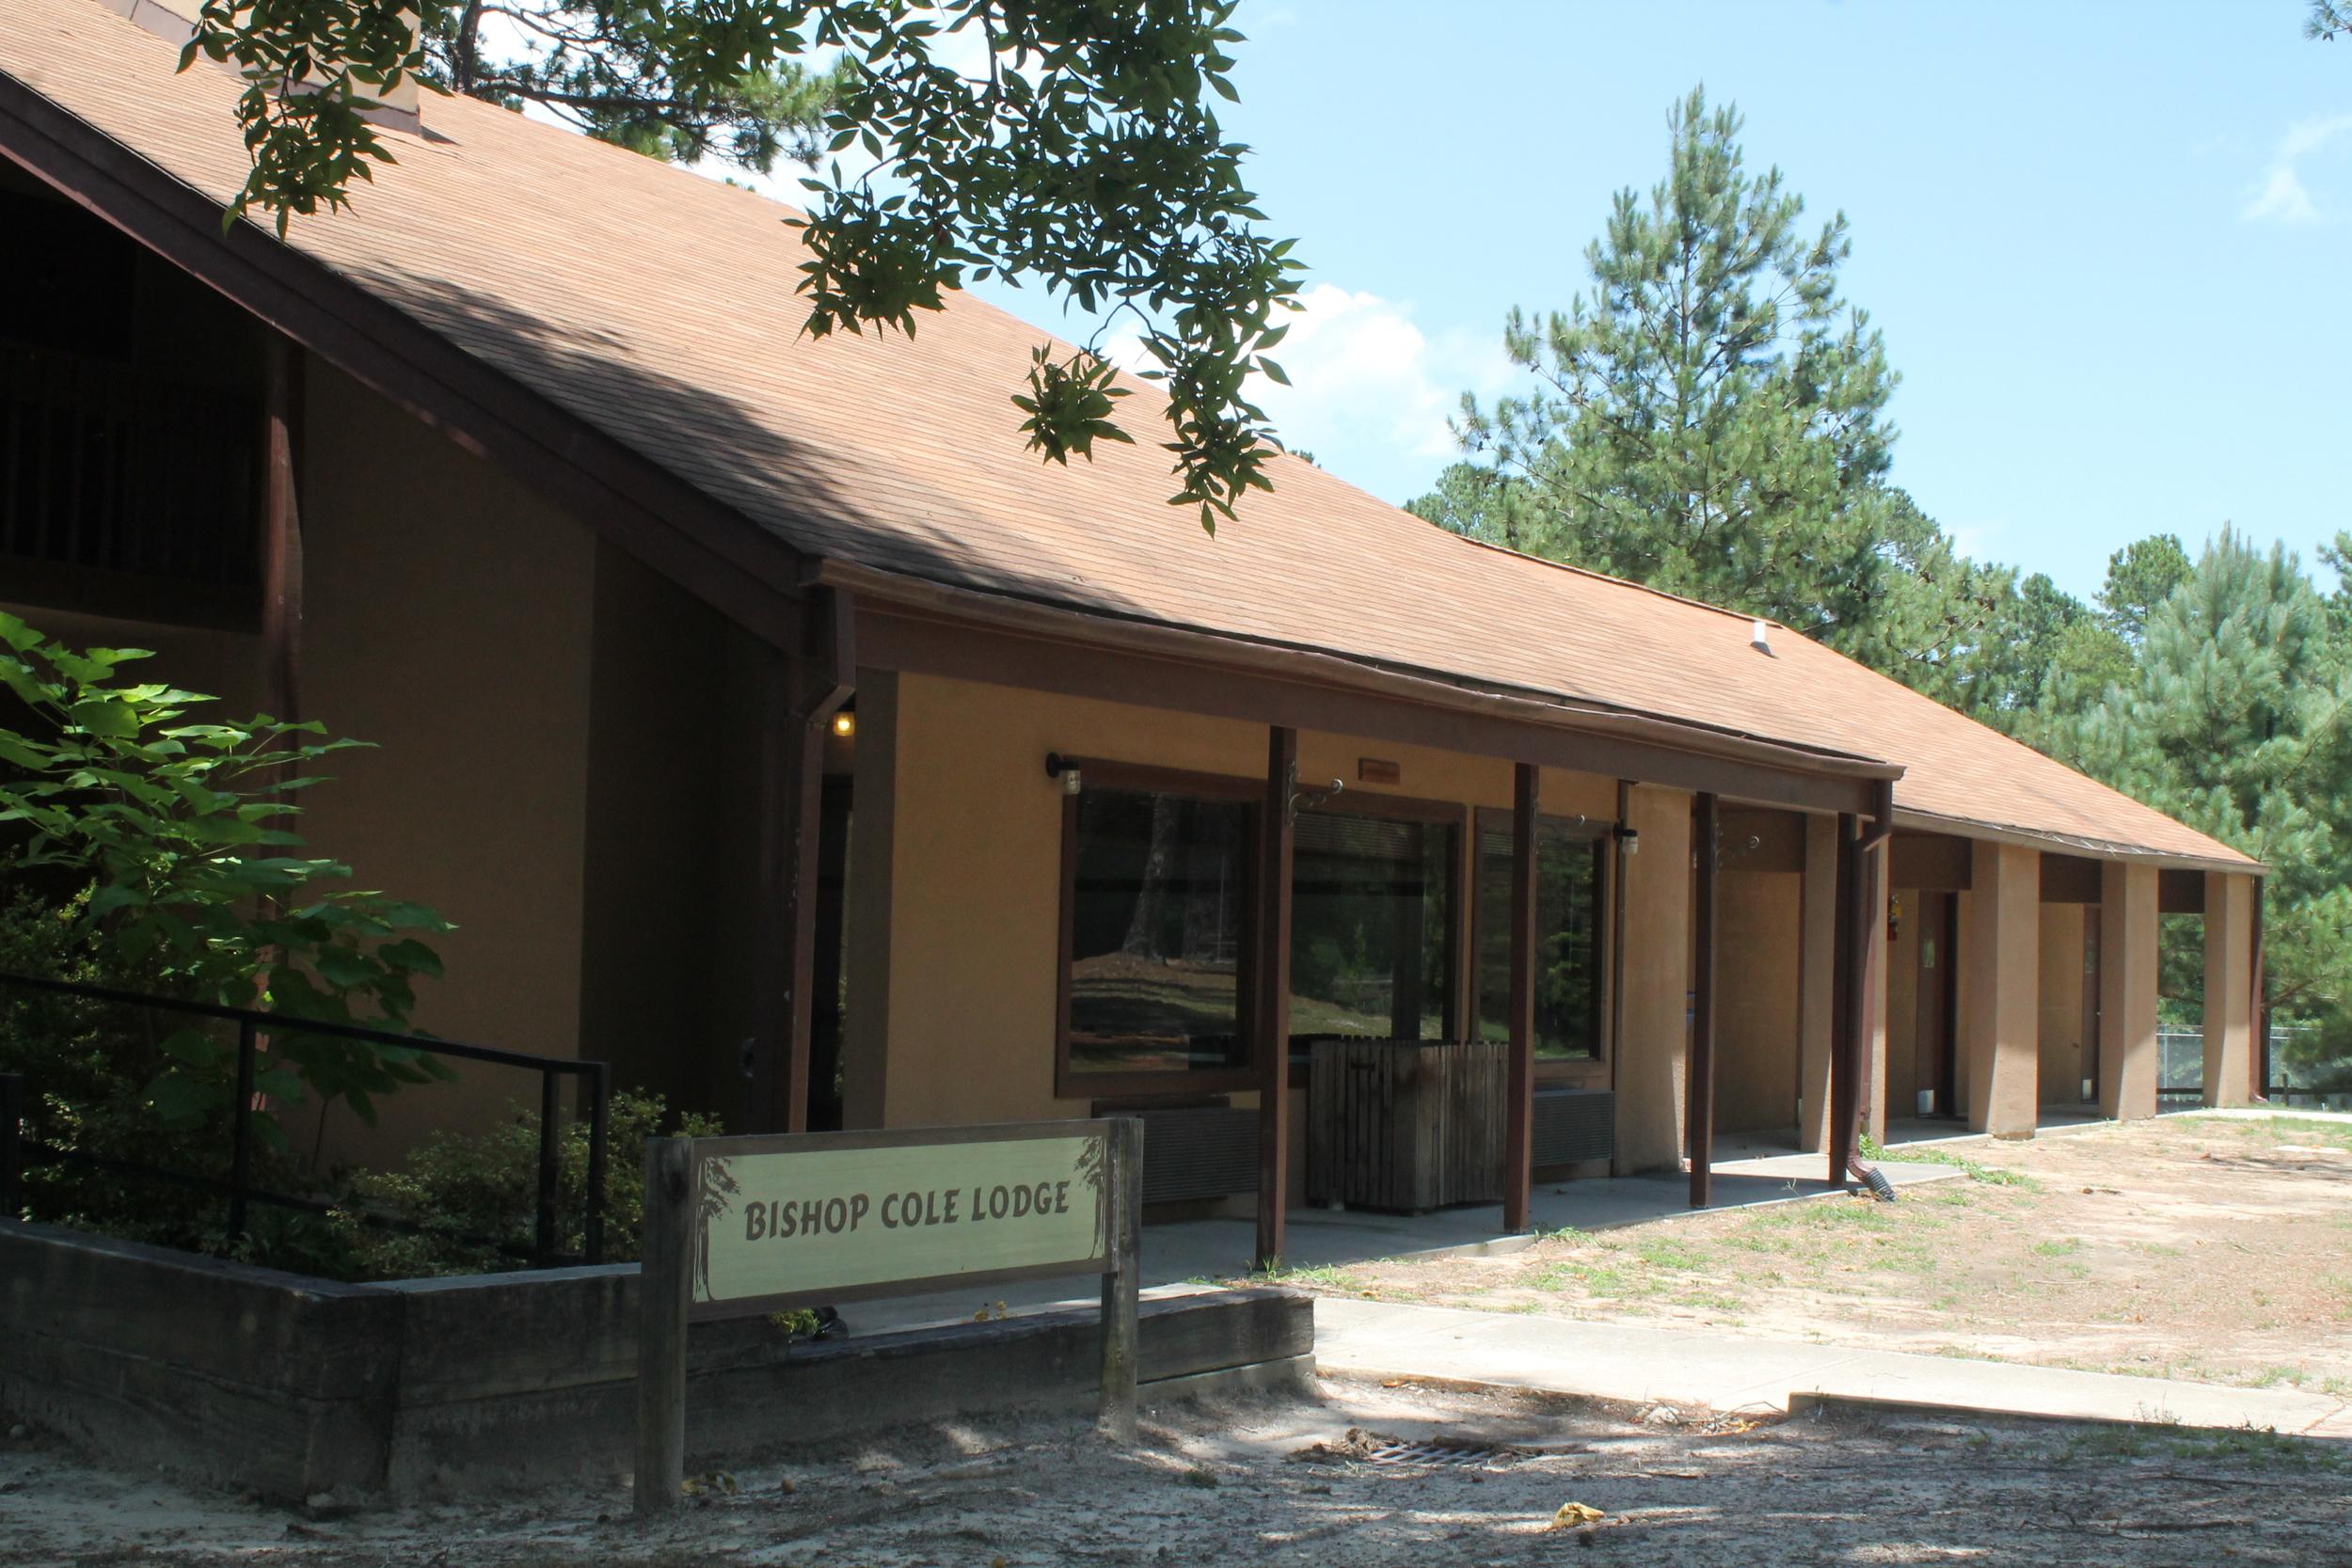 Bishop Cole Lodge